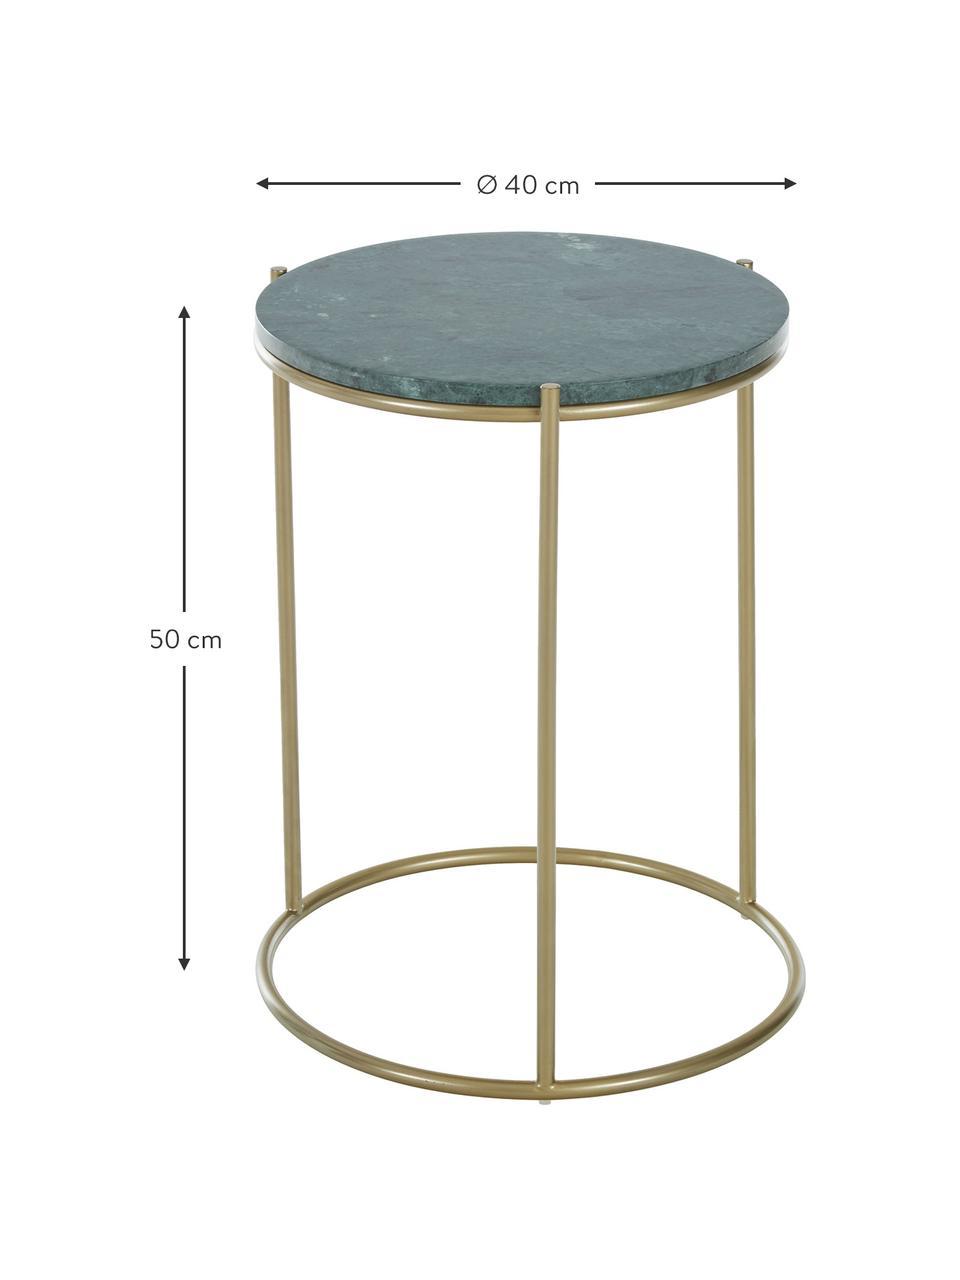 Runder Marmor-Beistelltisch Ella, Tischplatte: Marmor, Gestell: Metall, pulverbeschichtet, Grüner Marmor, Goldfarben, Ø 40 x H 50 cm